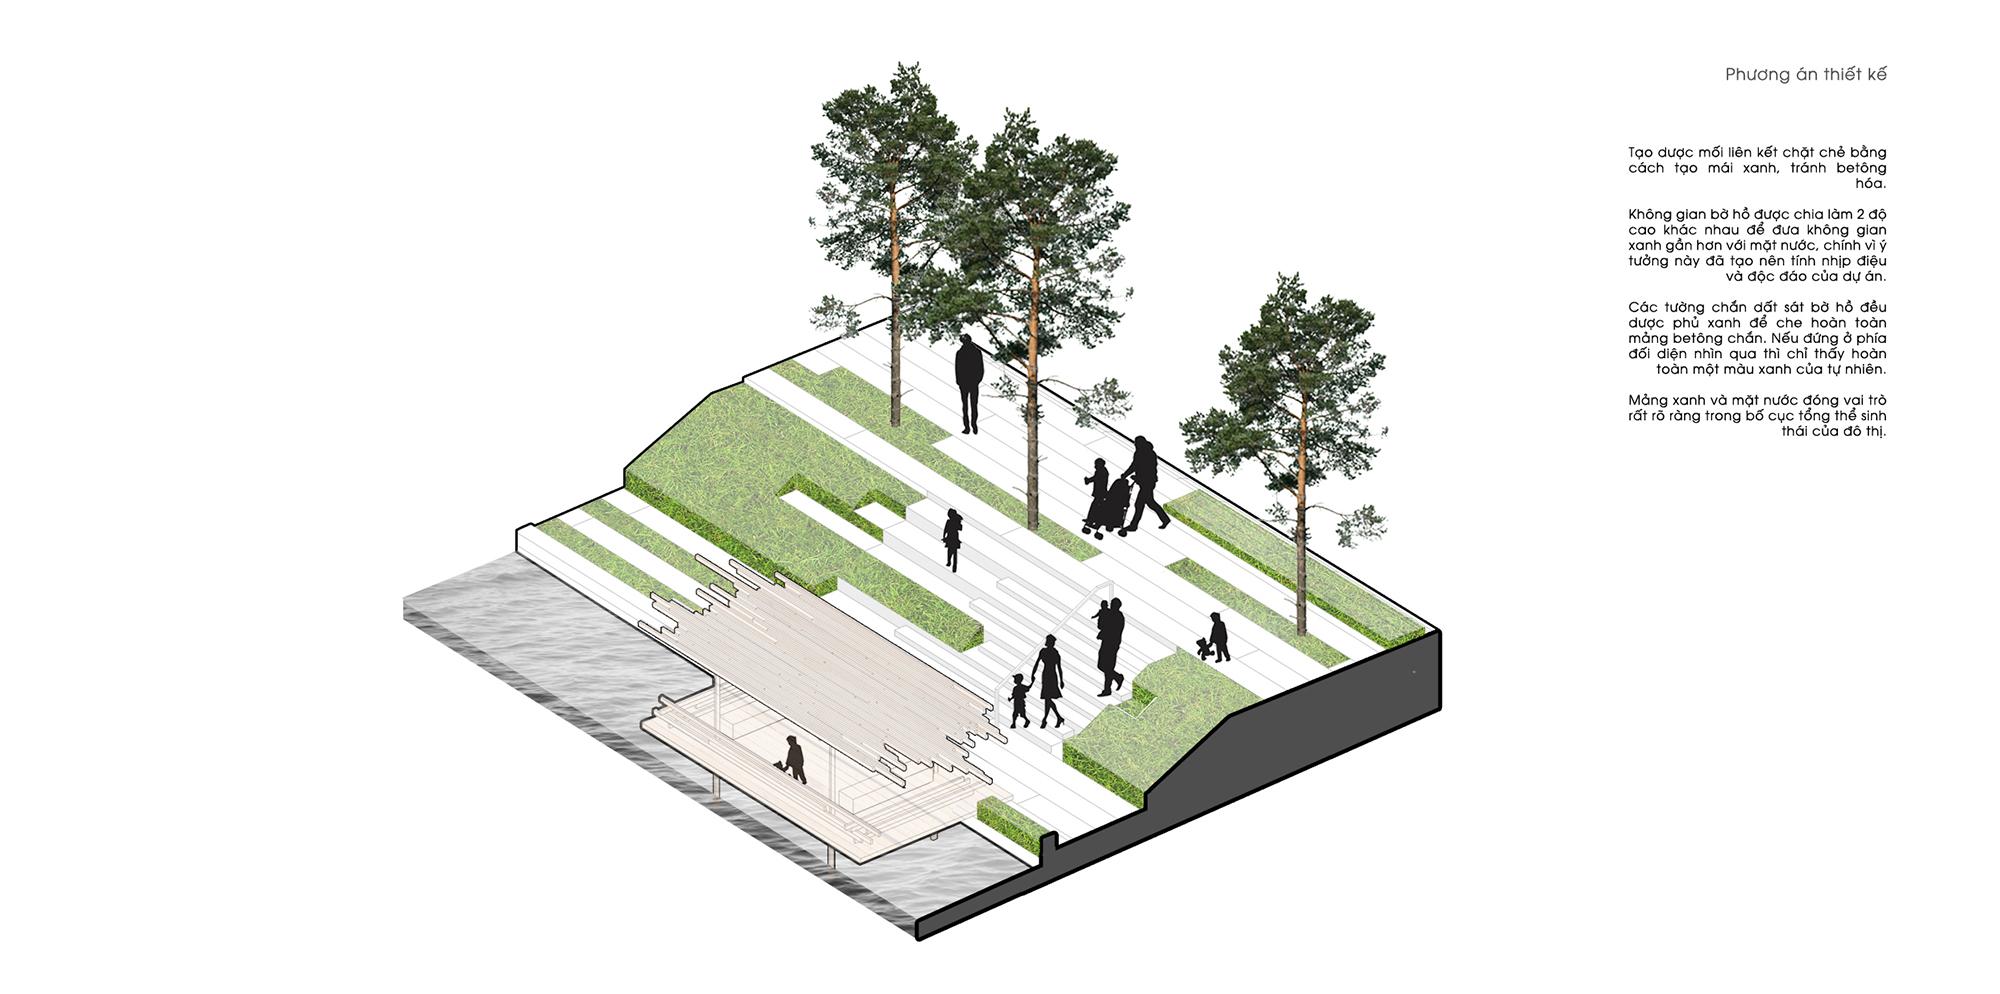 Cải tạo hồ sinh thái Đống Đa / MIA Design Studio 4